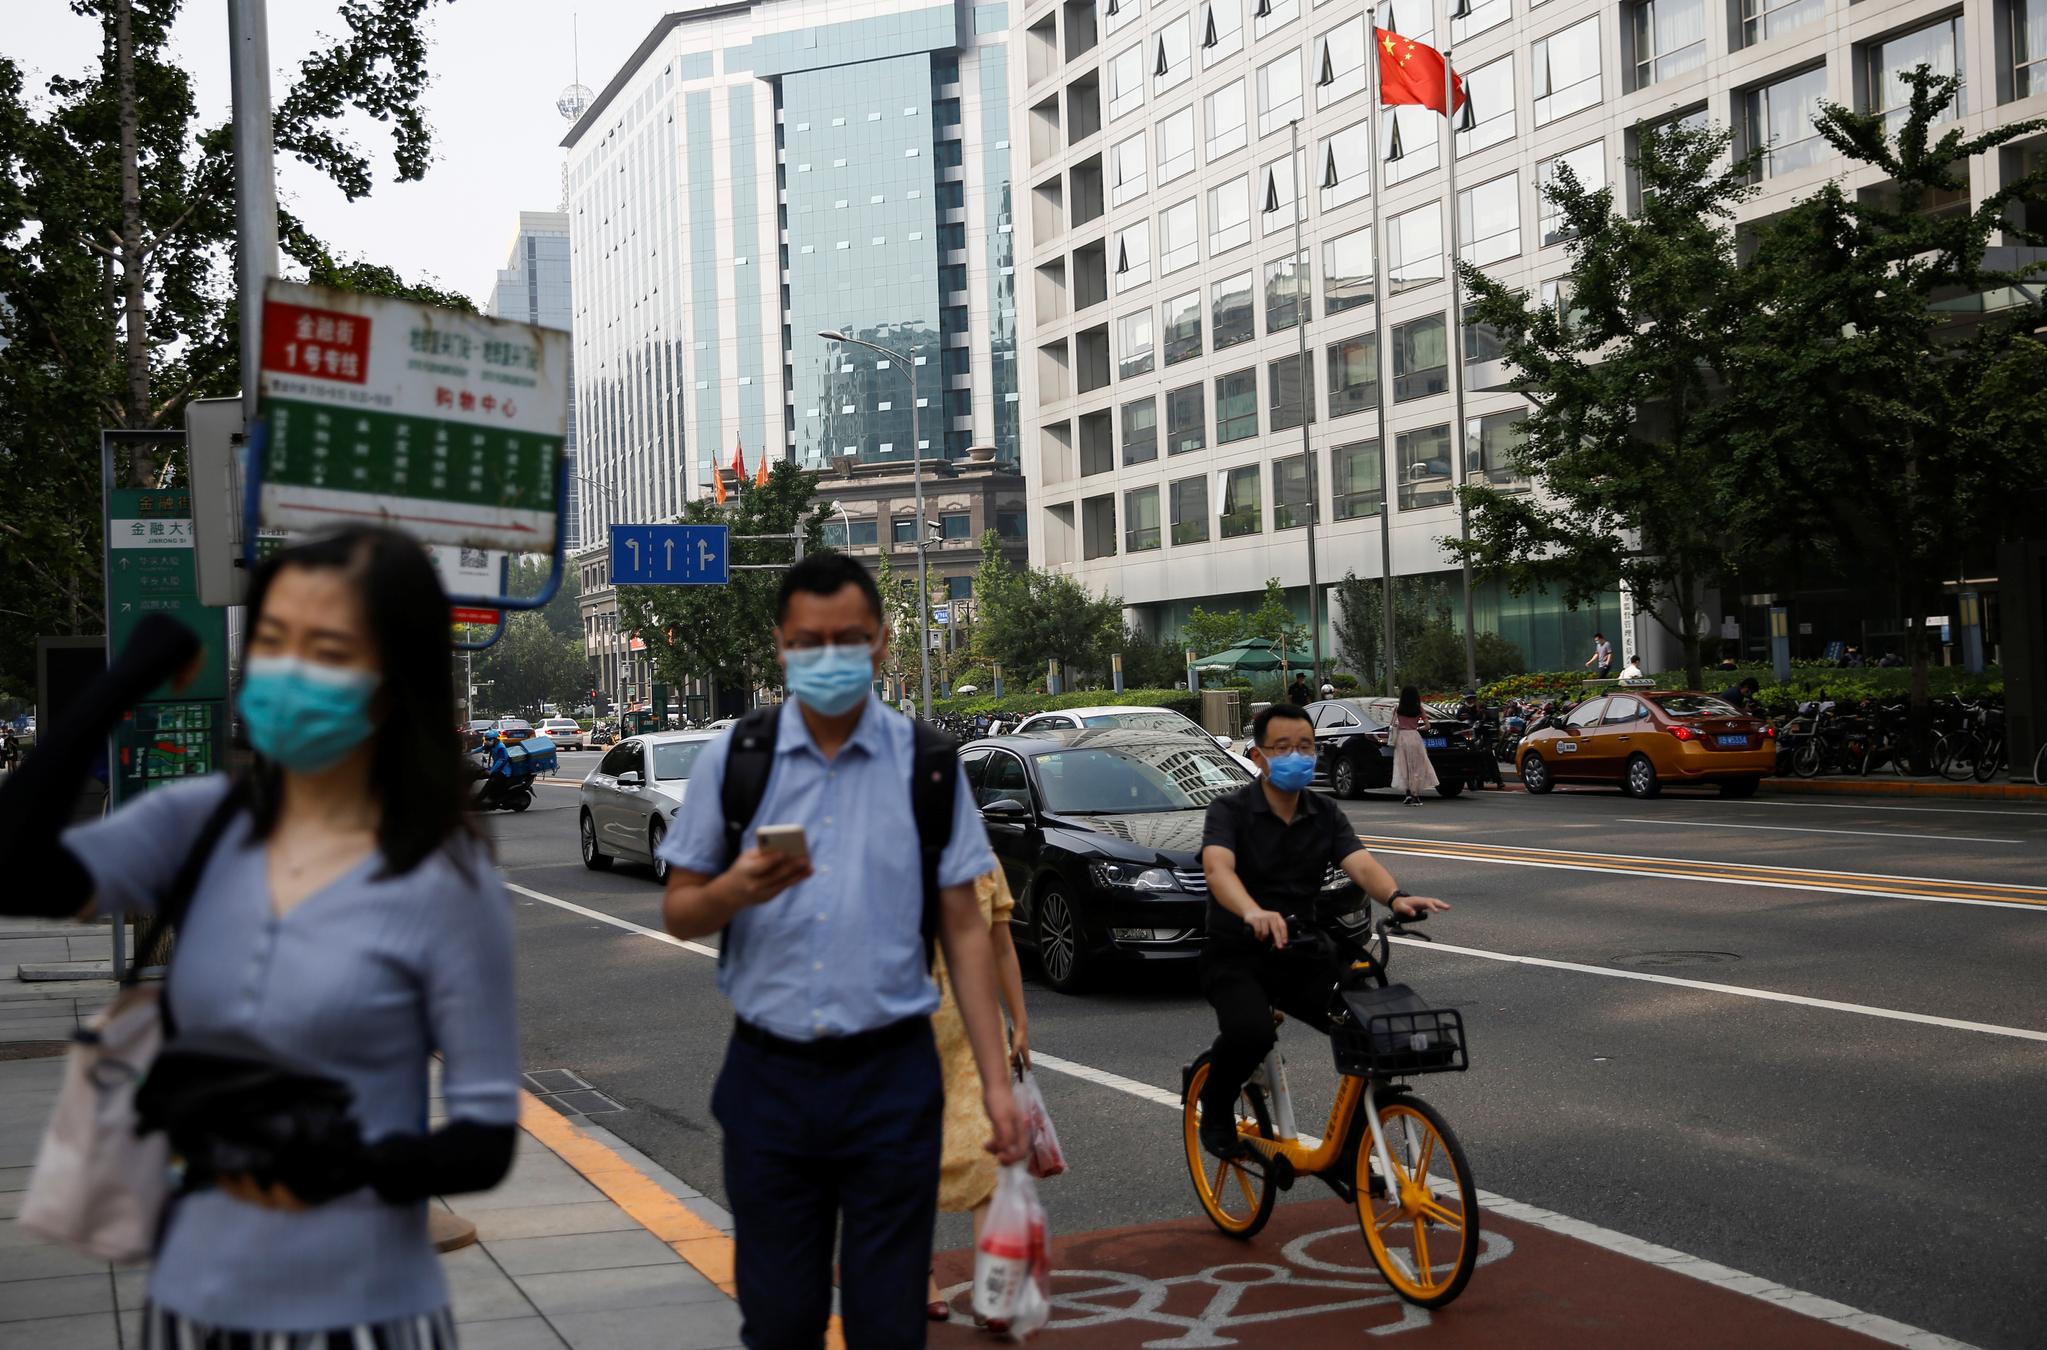 16일 베이징 시내를 걷고 있는 중국 시민들. [로이터=연합뉴스]